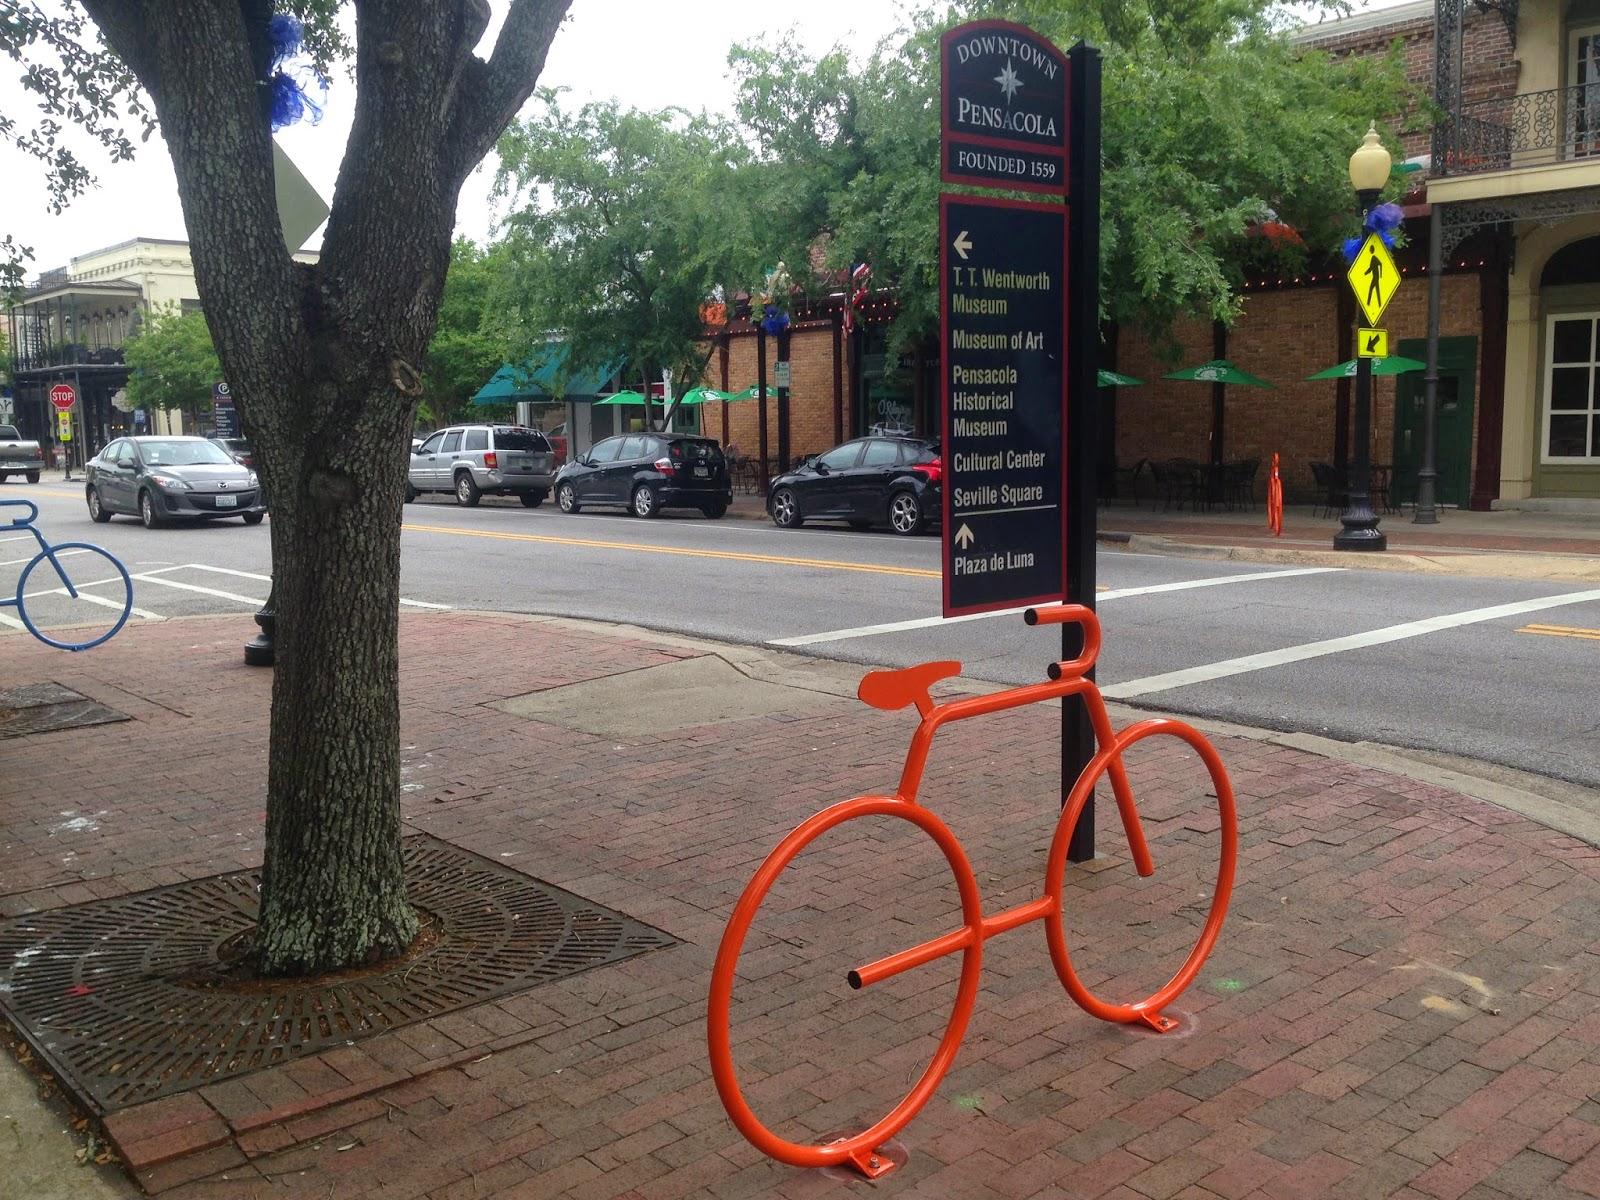 Downtown Pensacola FL Palafox St.